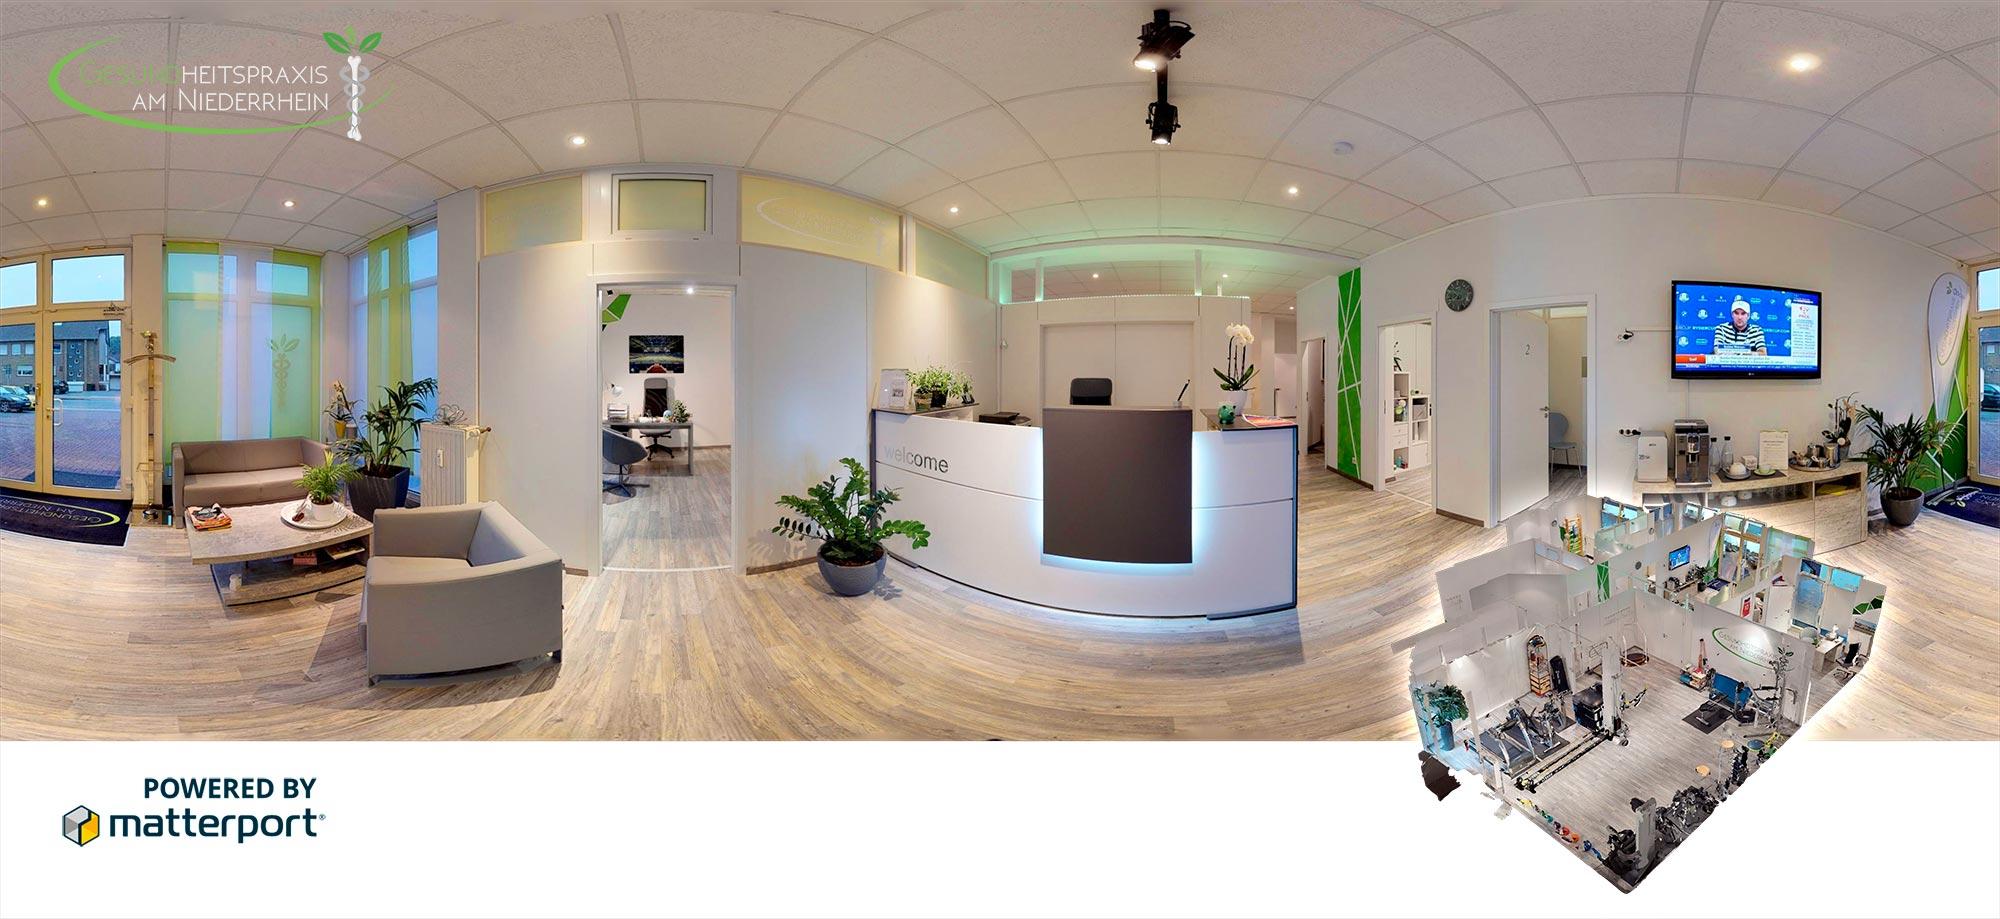 Matterport Header Gesundheitspraxis am Niederrhein